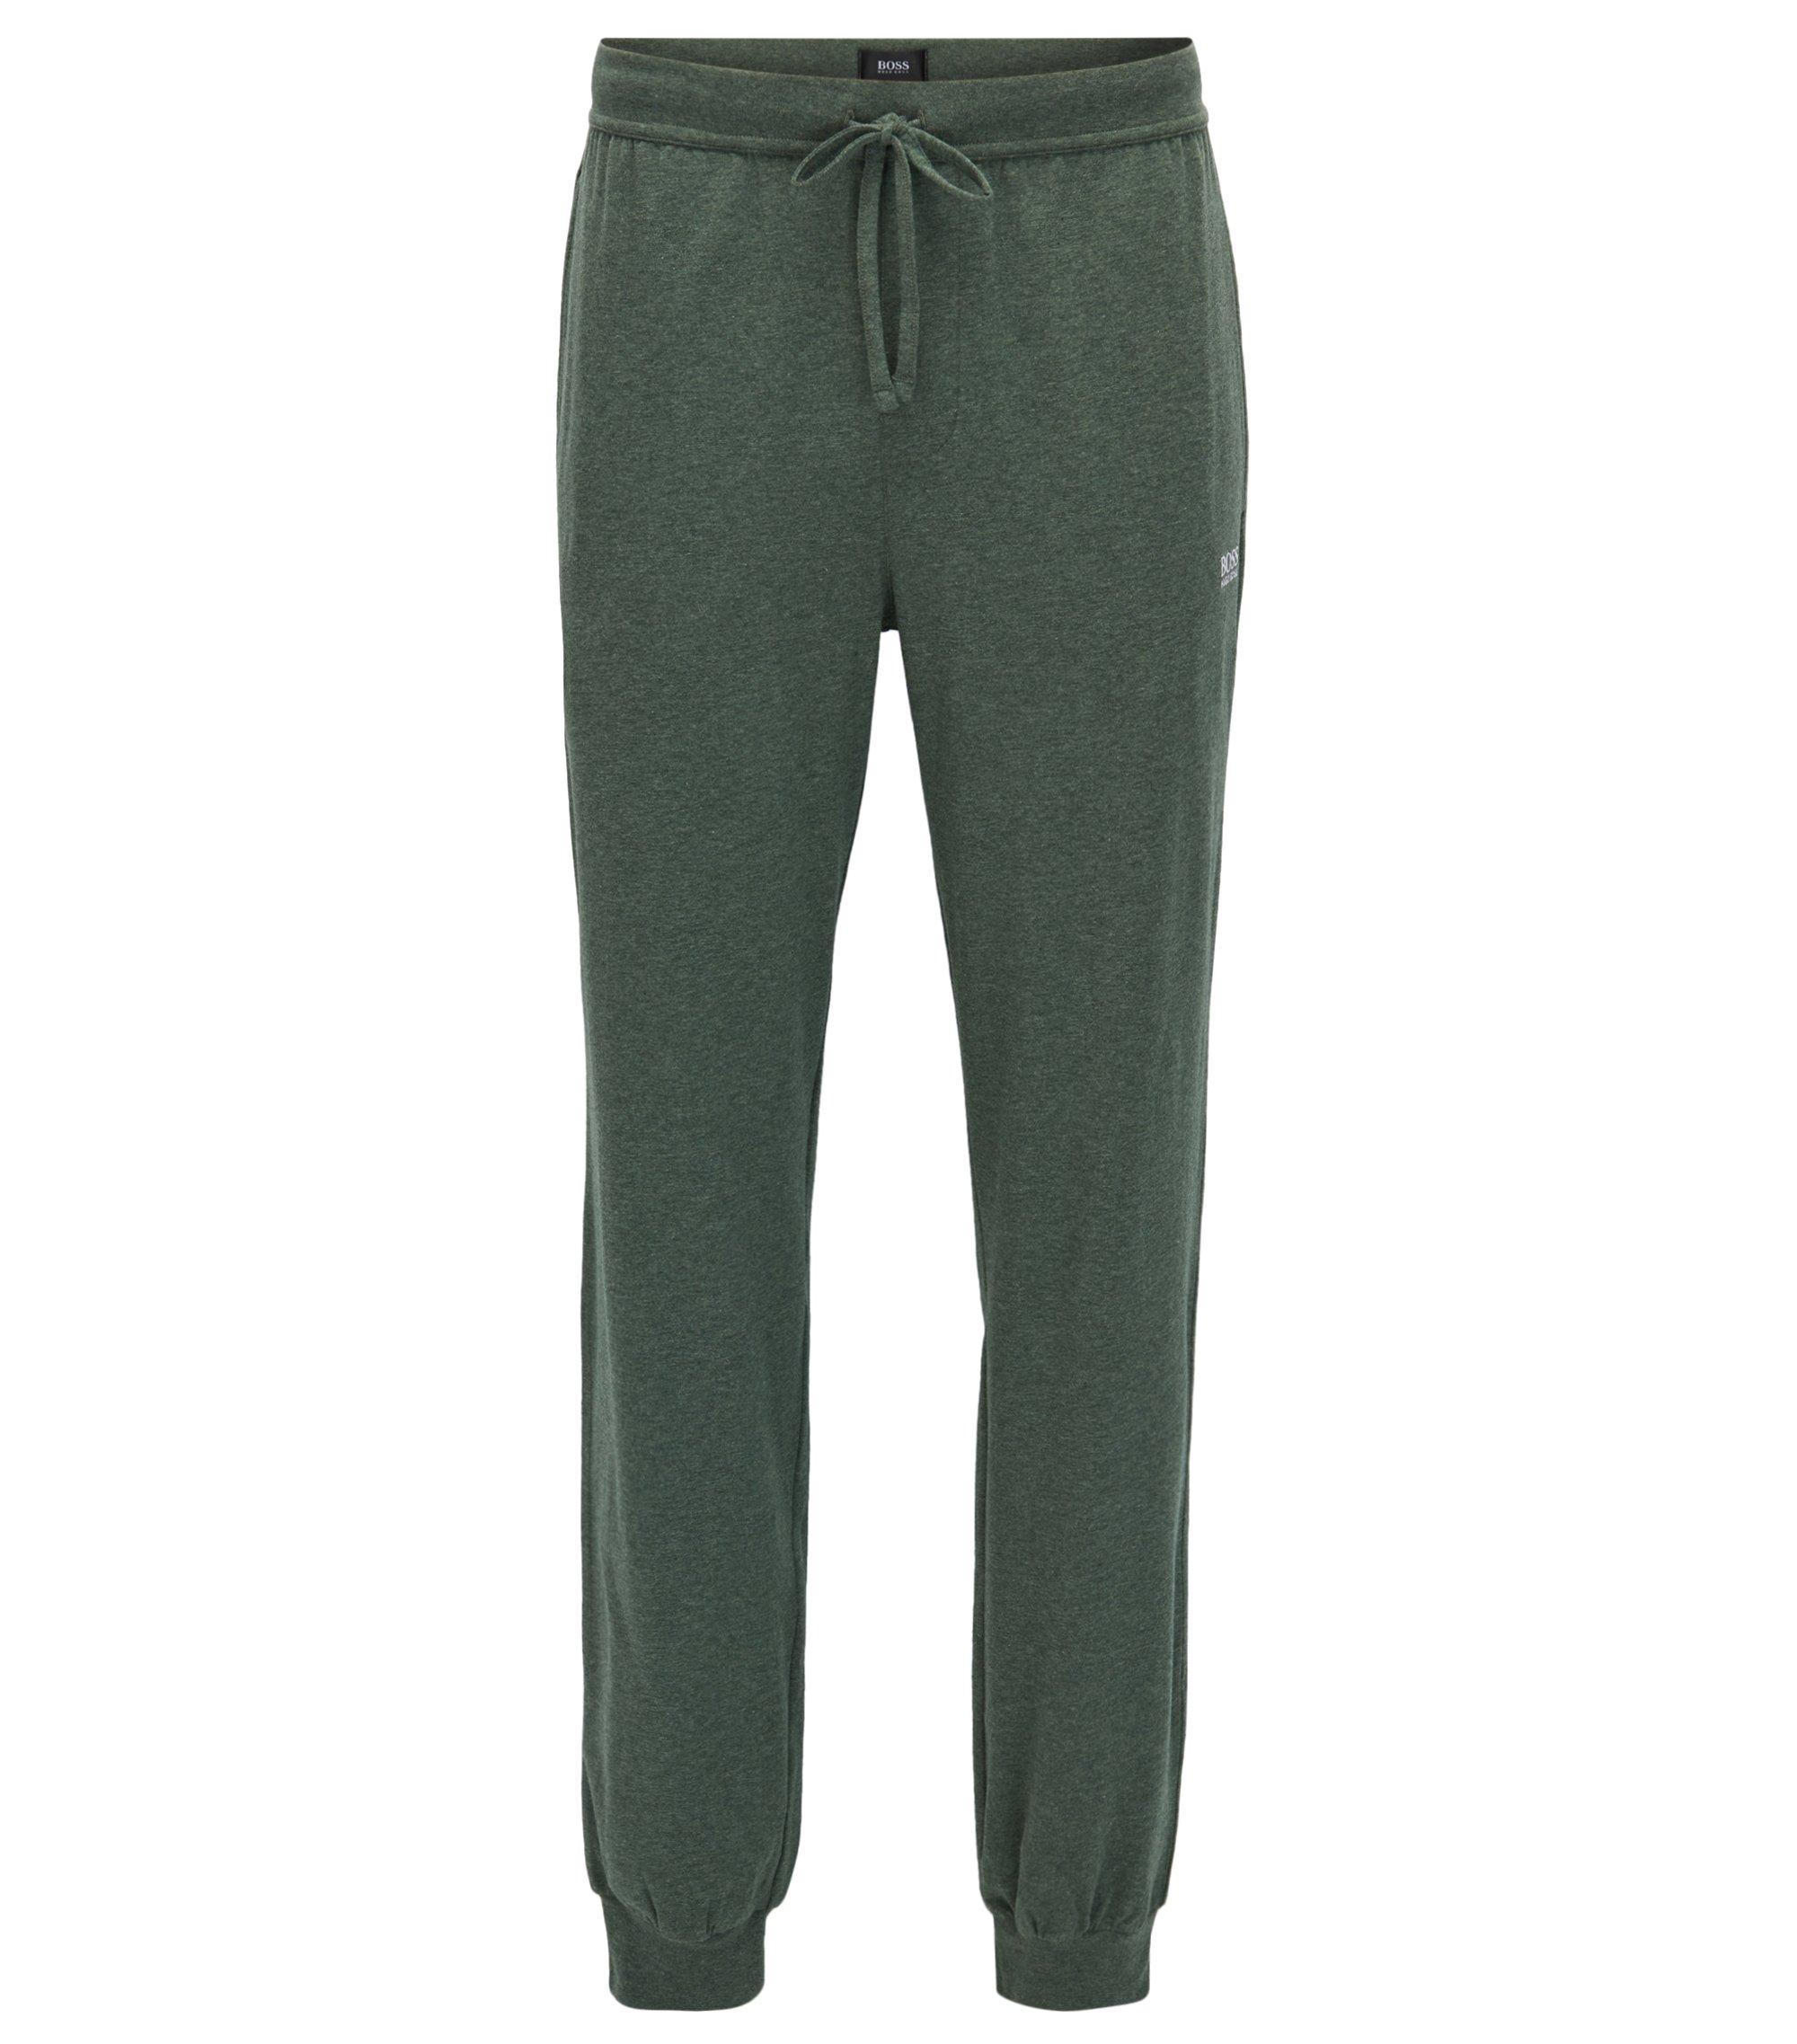 Pantalones loungewear con puños en algodón elástico, Verde oscuro